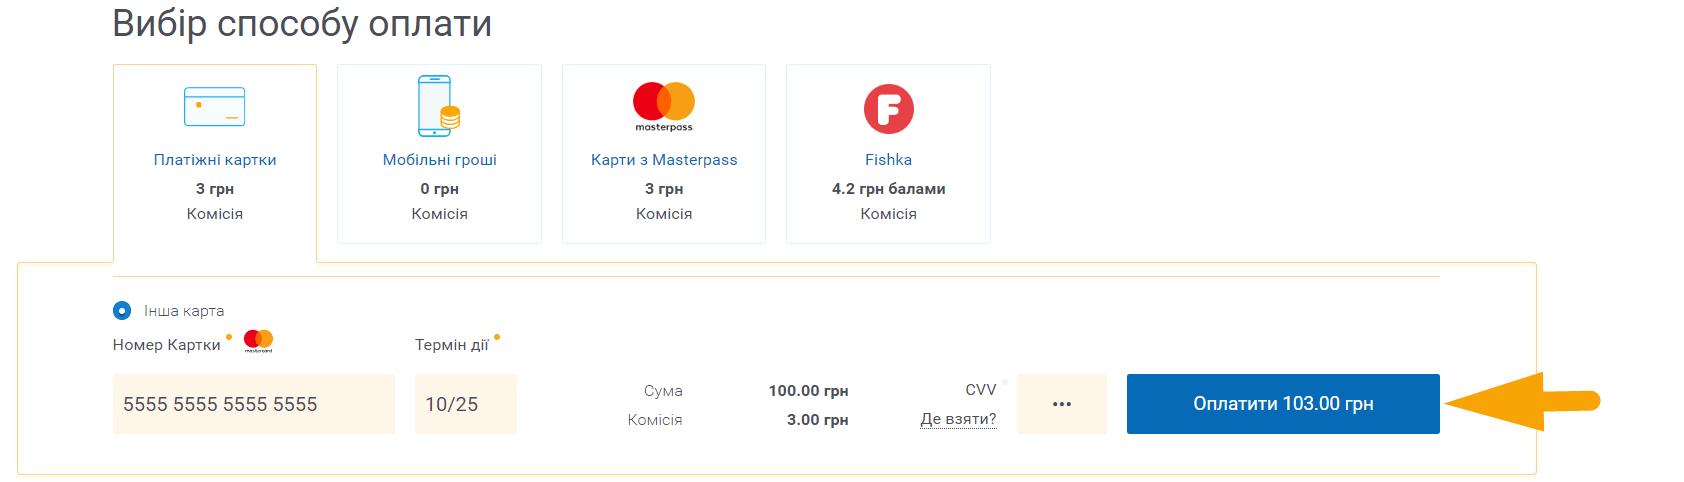 Як оплатити Київстар Інтернет - крок 5